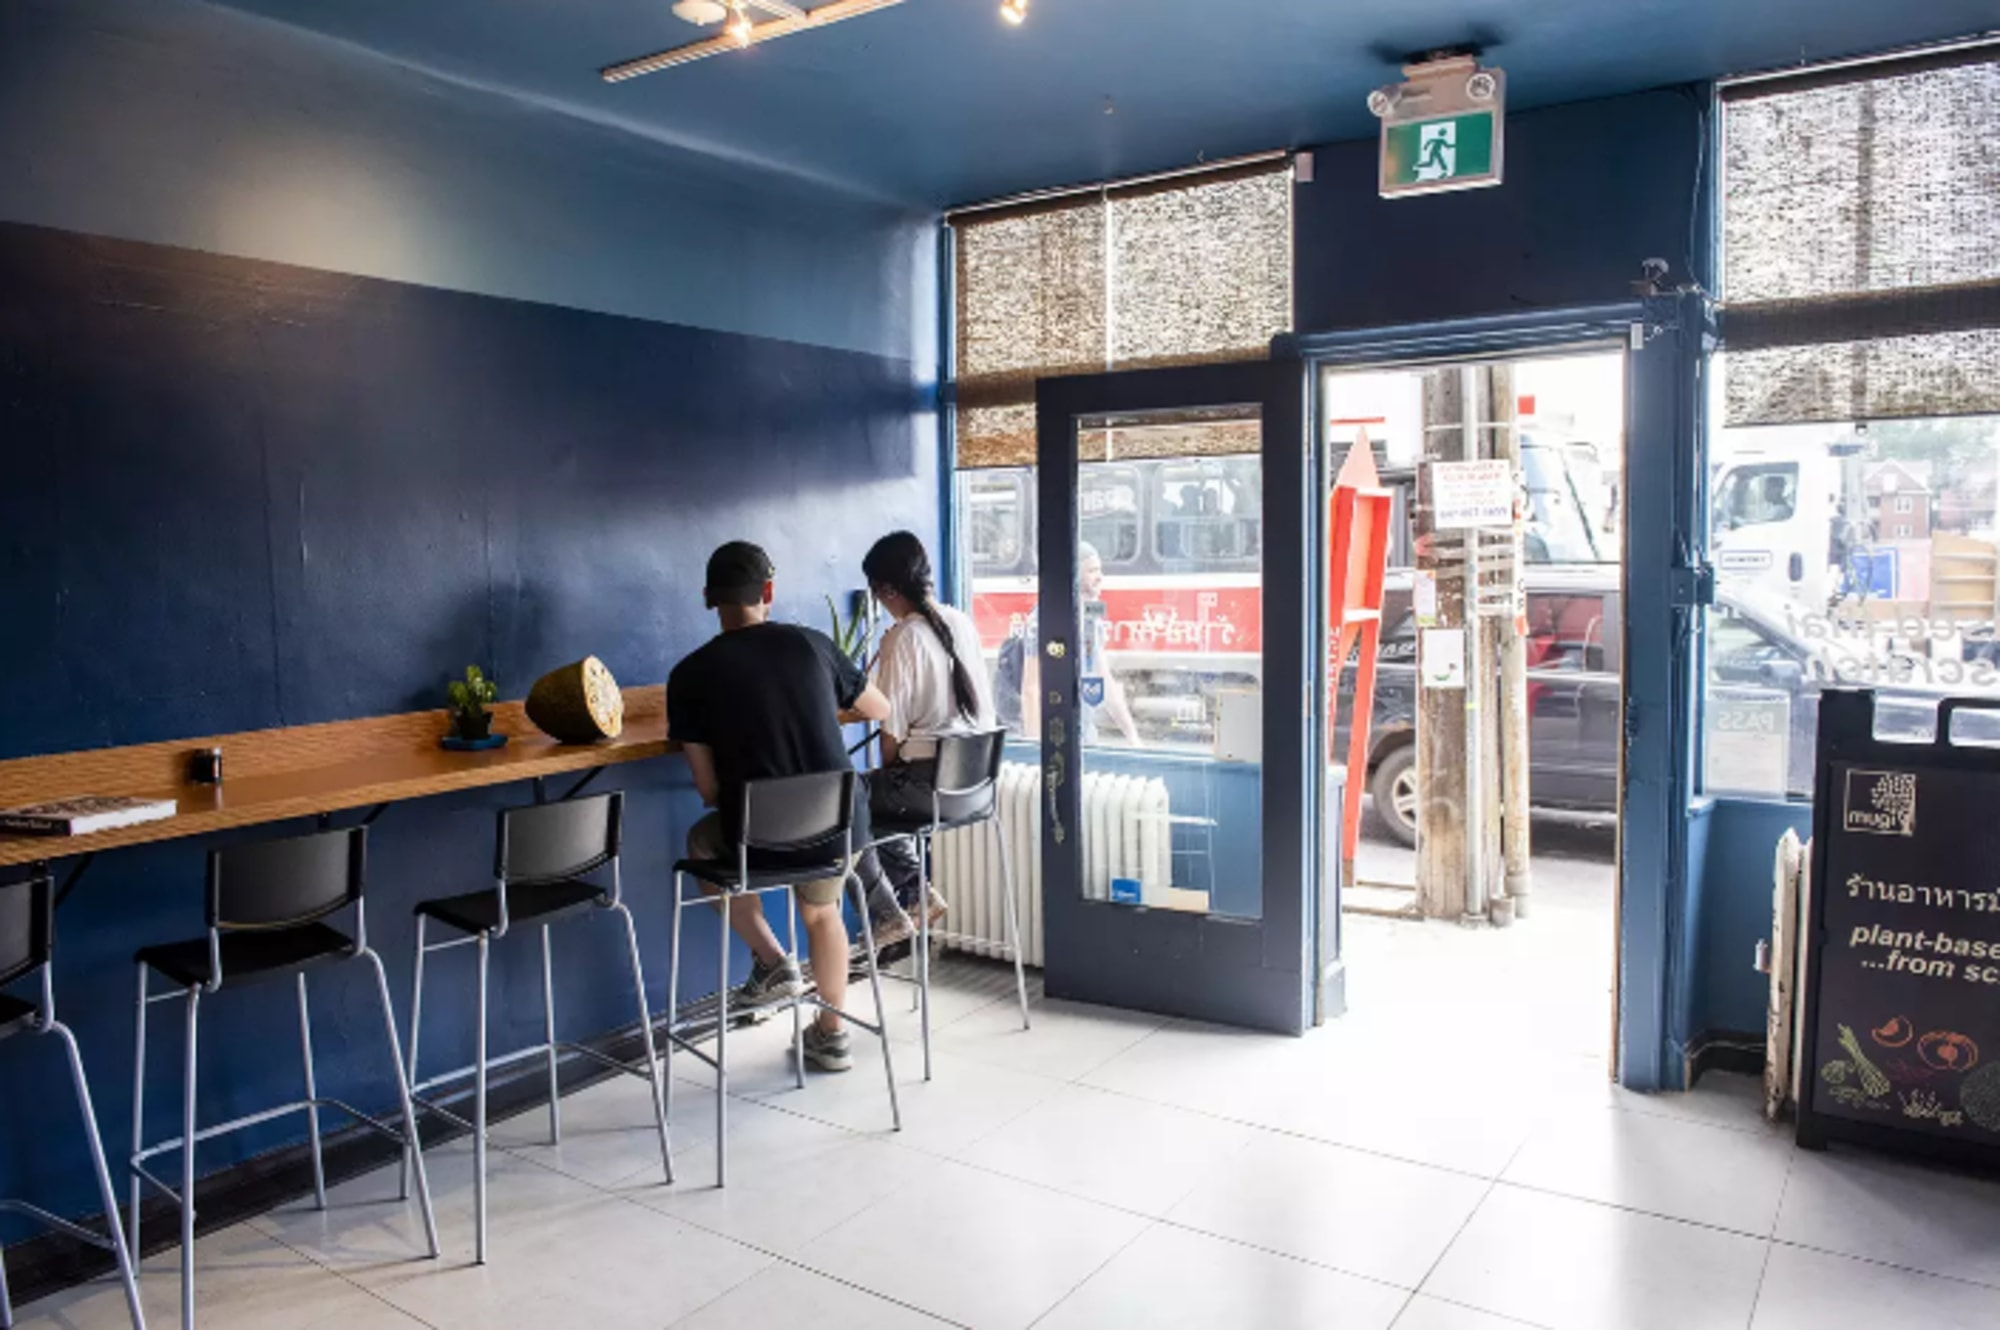 aménagement intérieur restaurant MUGI avec comptoir, bancs et murs bleus